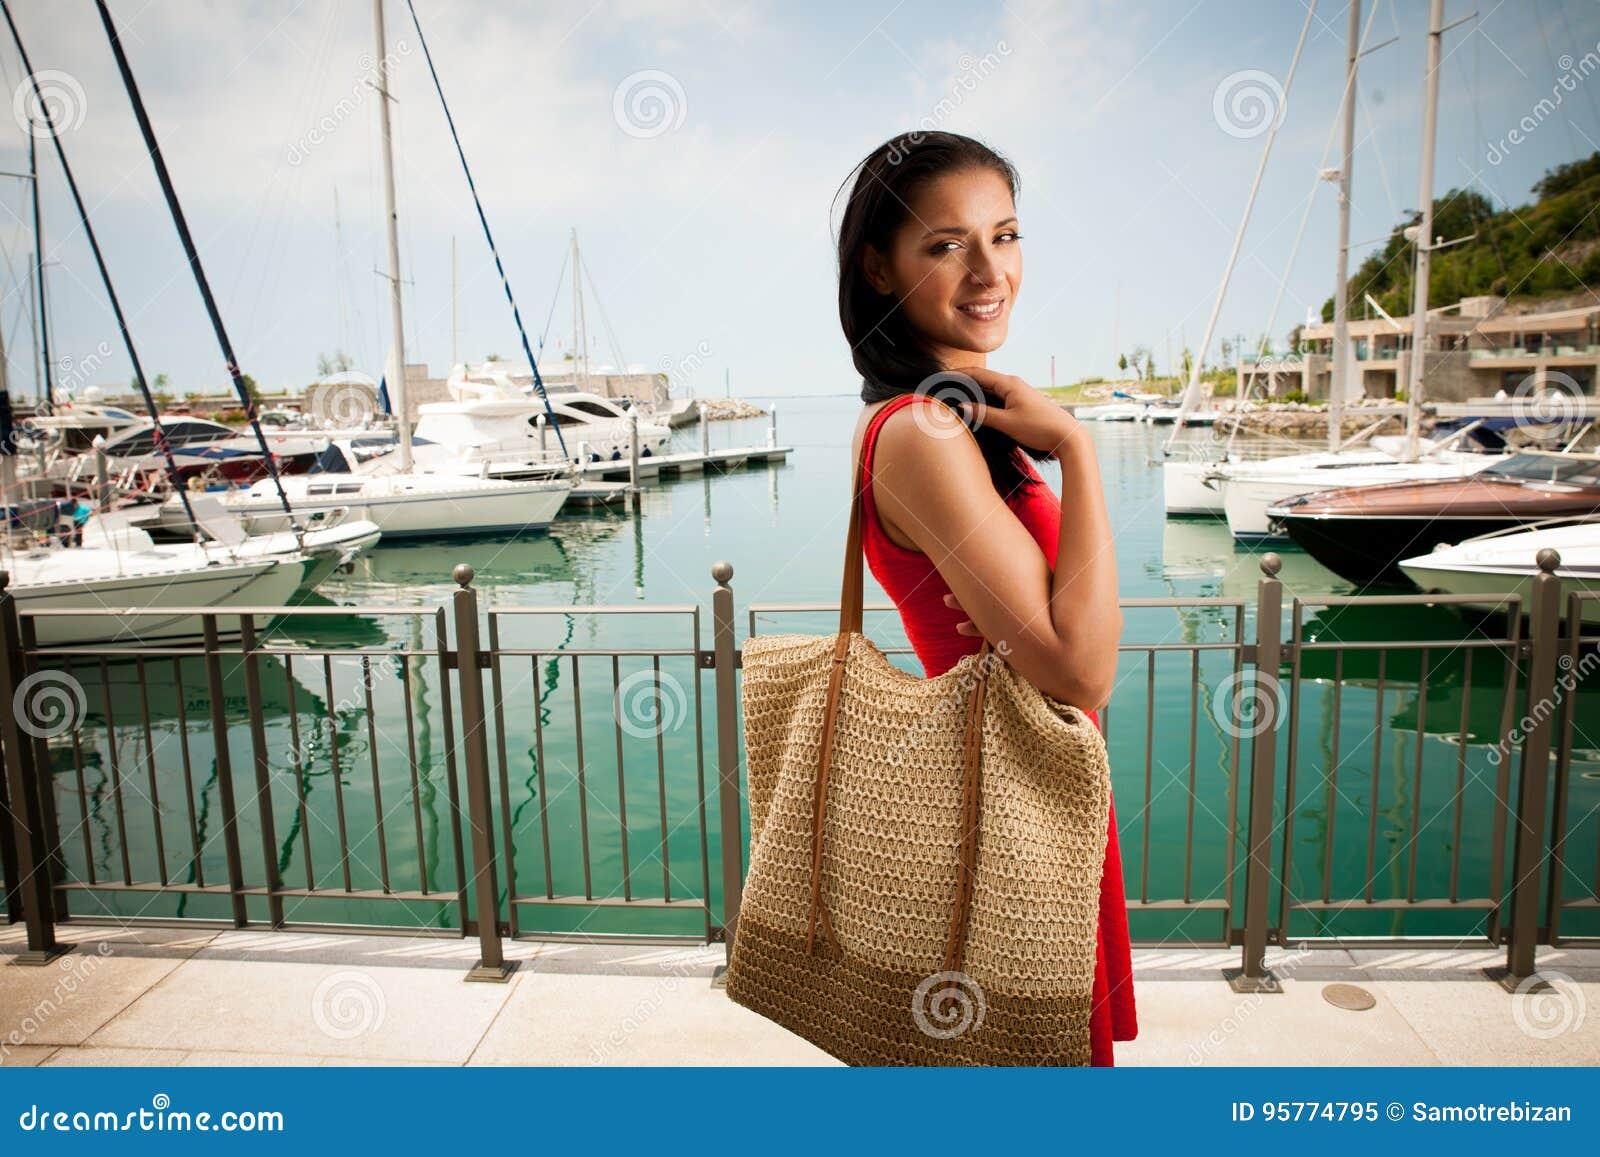 Hot Un Stock >> Wman Walks A City On The Beach On Hot Summer Day Un Beautiful Re